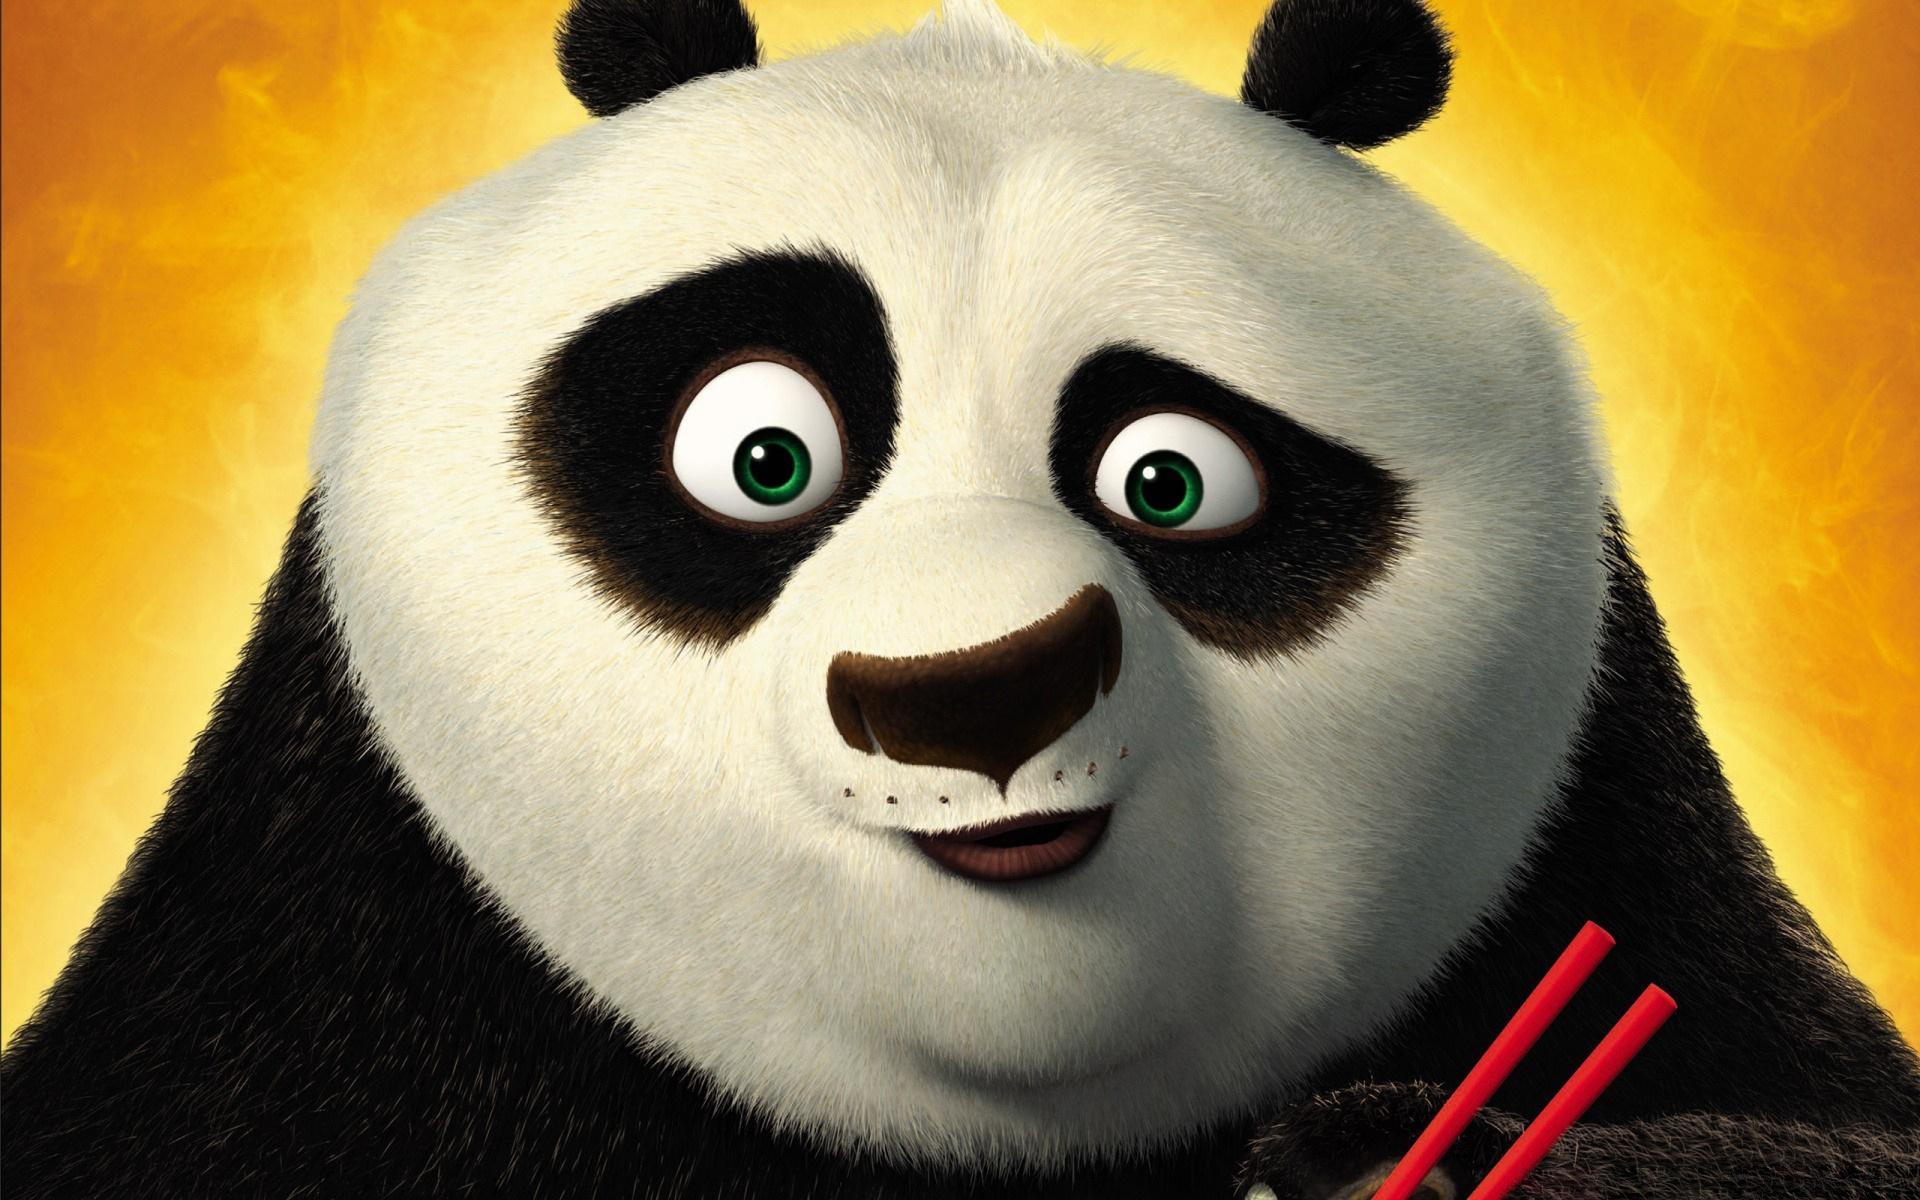 wallpapers panda desktop animal cartoons 1920x1200 1920x1200